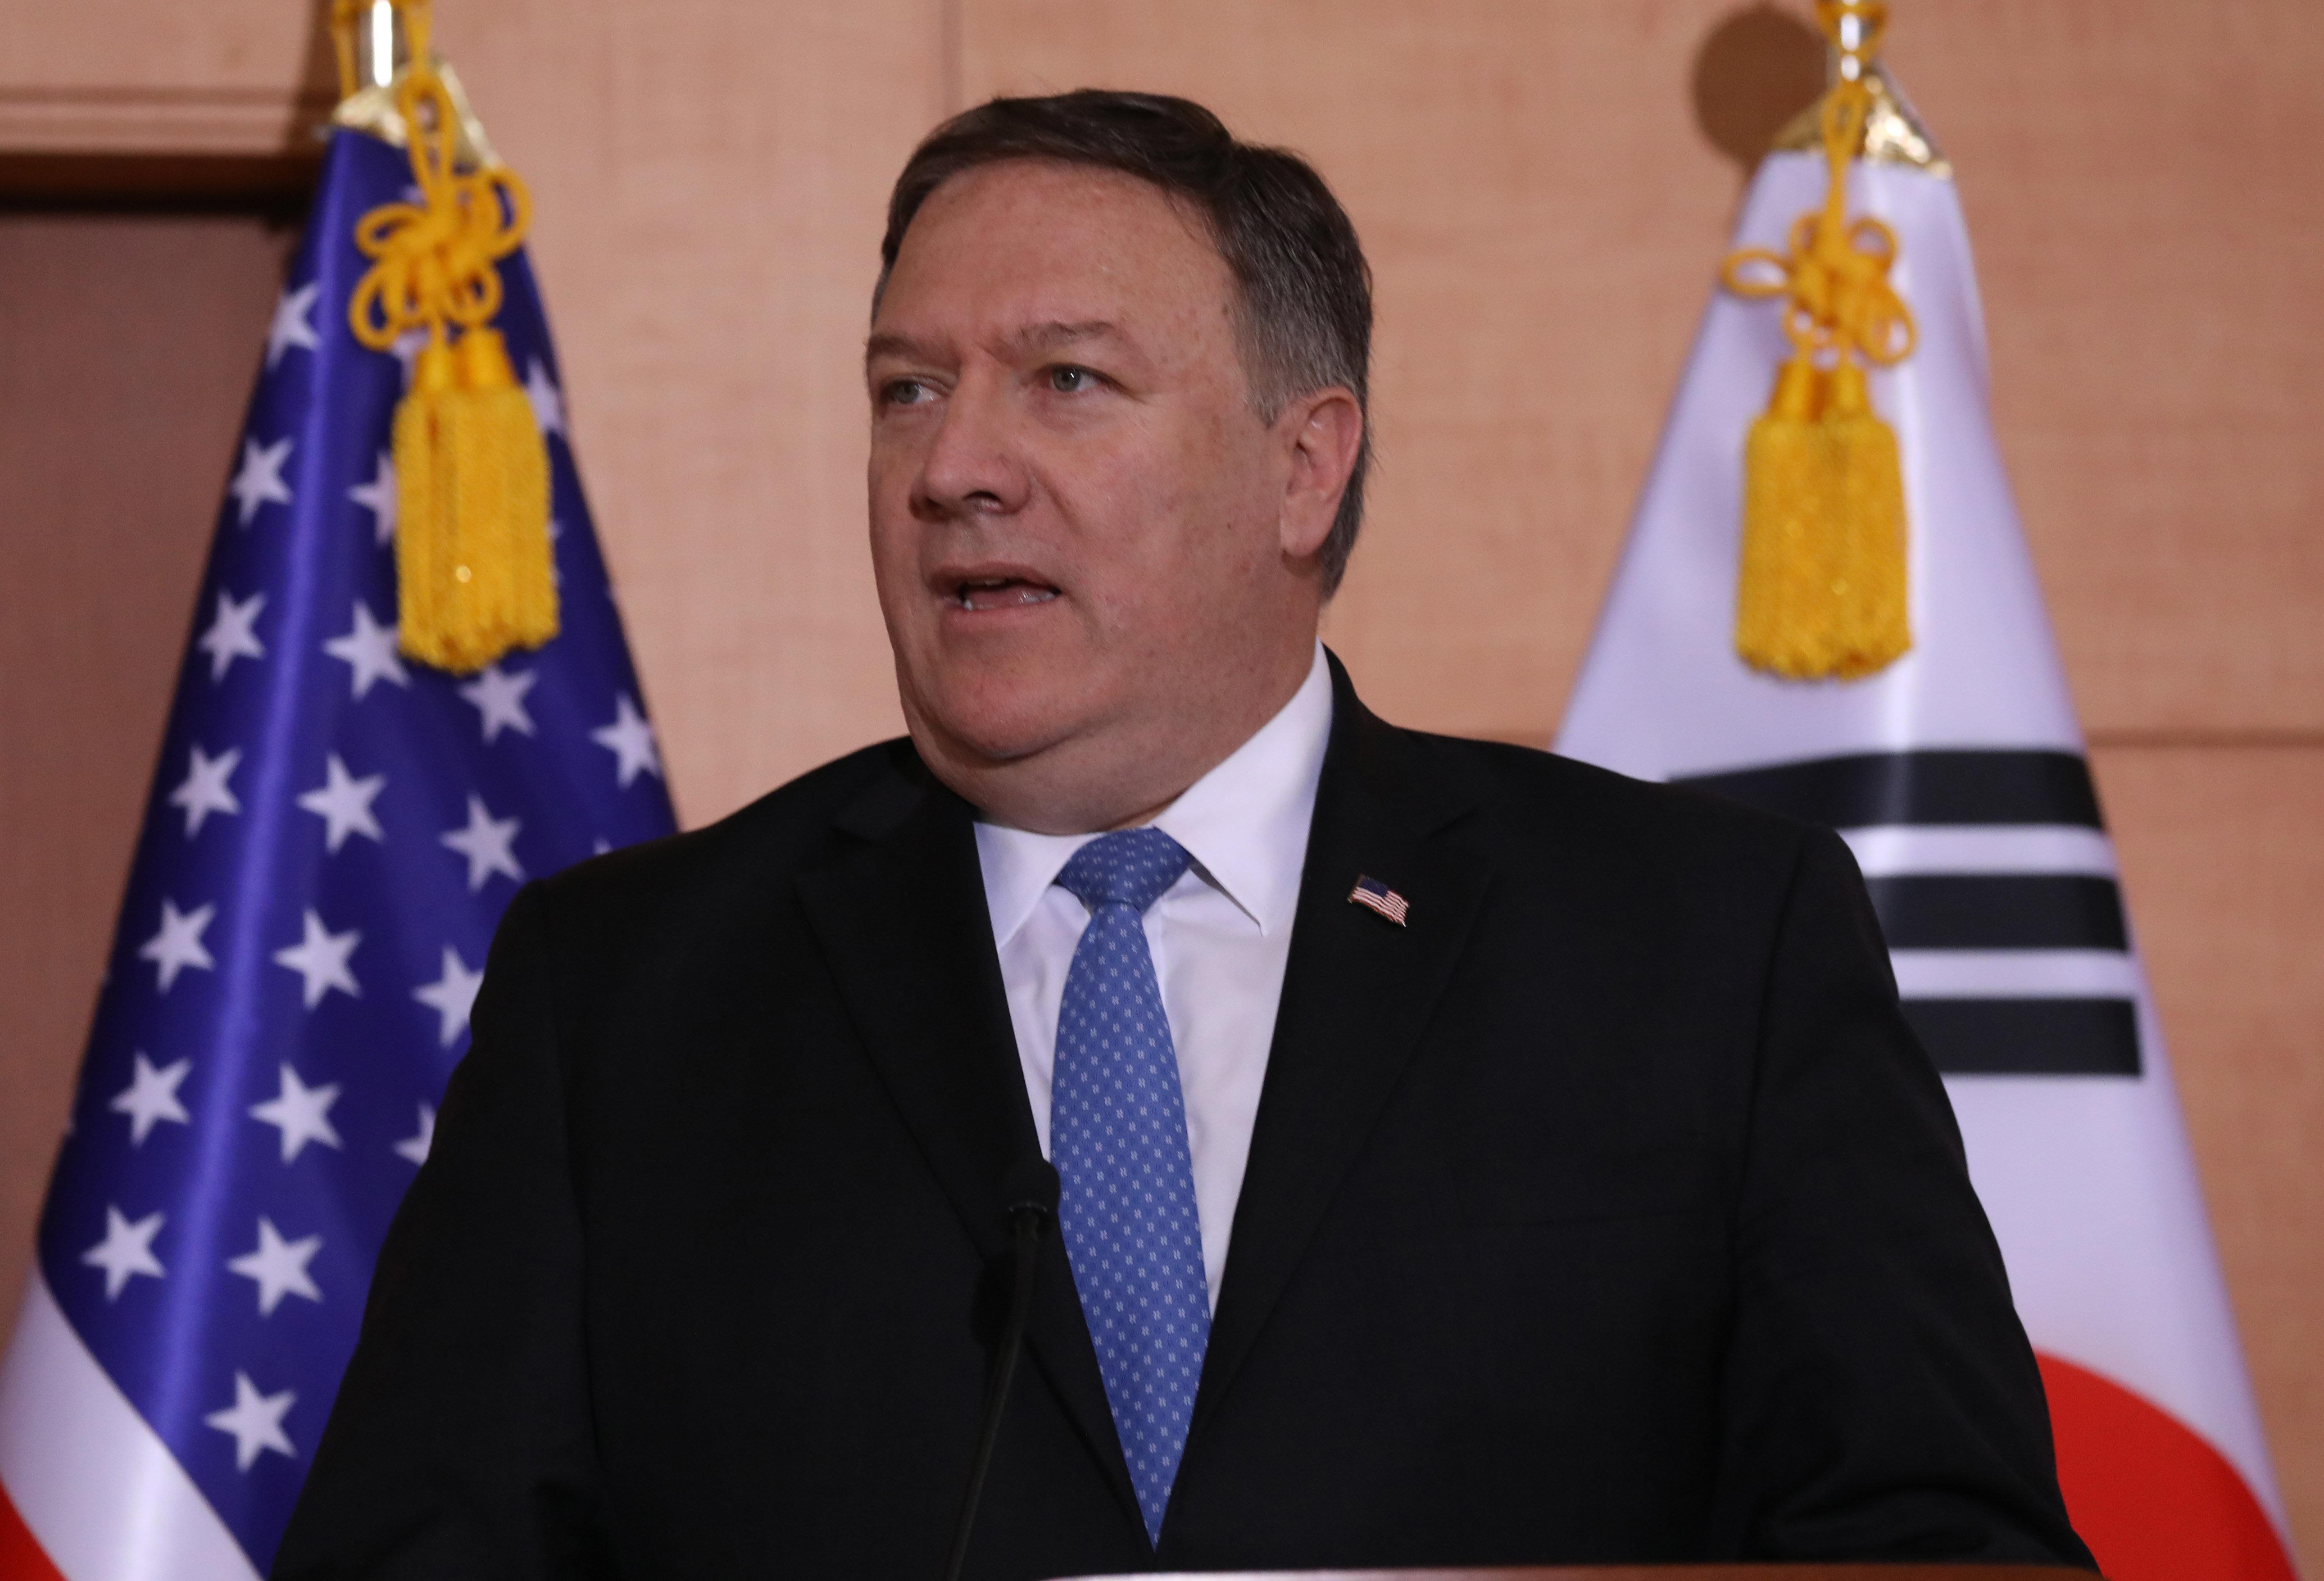 폼페이오 미국 국무장관이 리용호 북한 외무상의 주장을